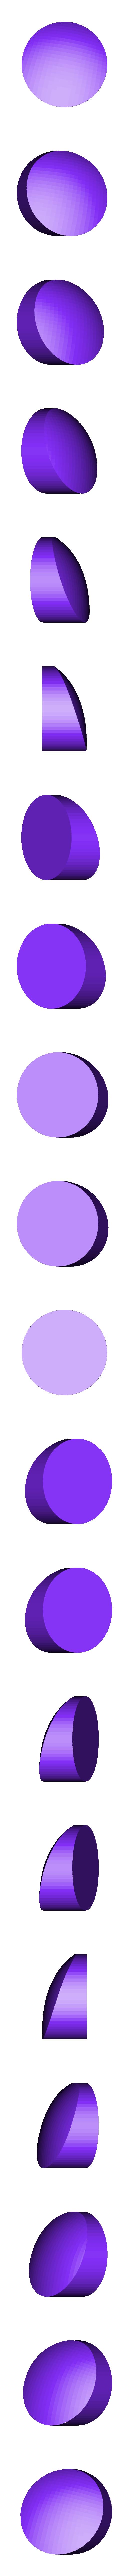 1UP_modular_dot_3.stl Télécharger fichier STL gratuit Cintre Super Mario Mushroom 1UP (Extrusion simple double et modulaire) • Objet imprimable en 3D, Runstone